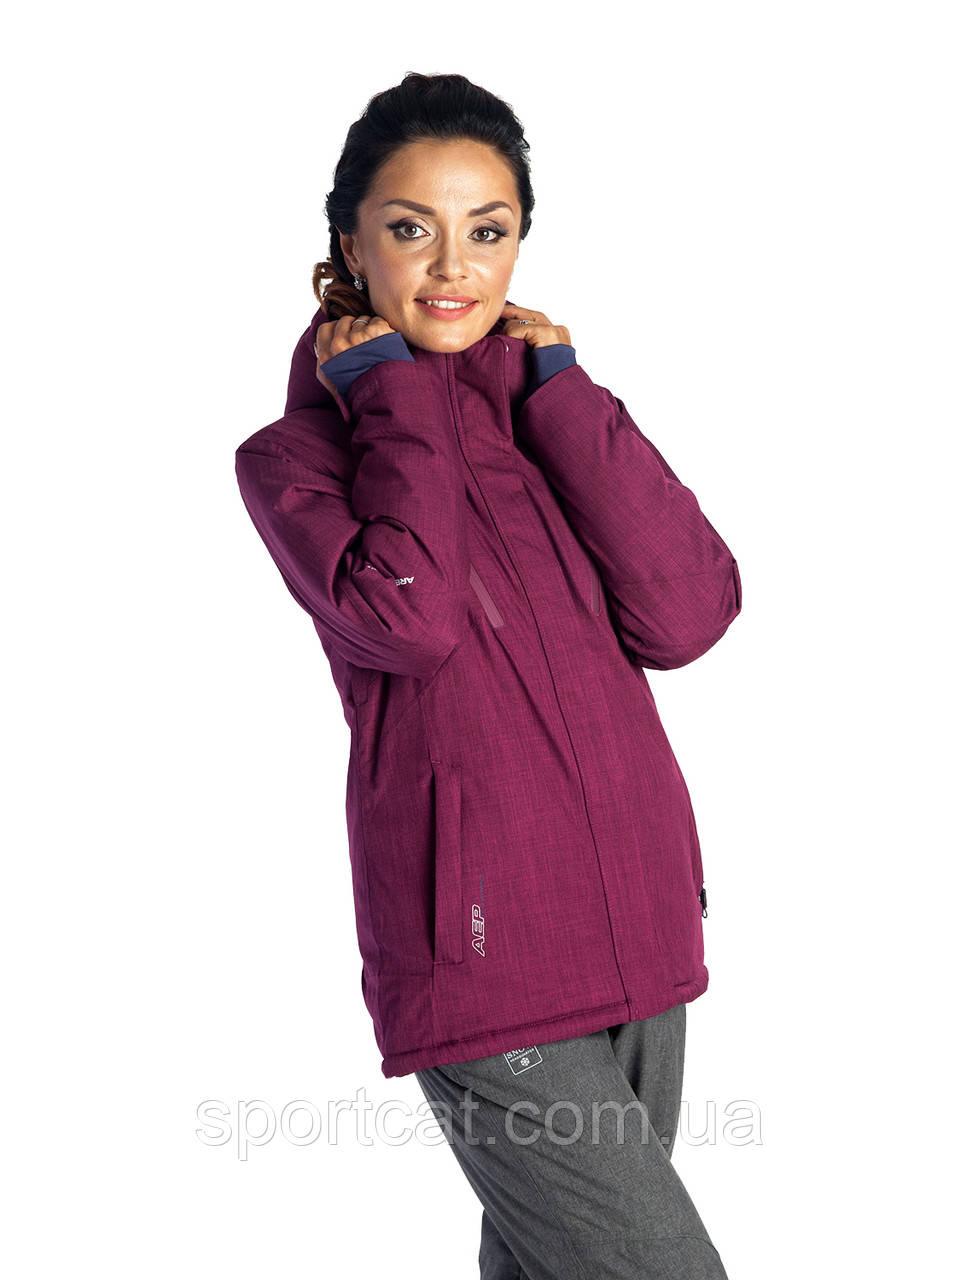 Женская горнолыжная куртка Snow Headquarter